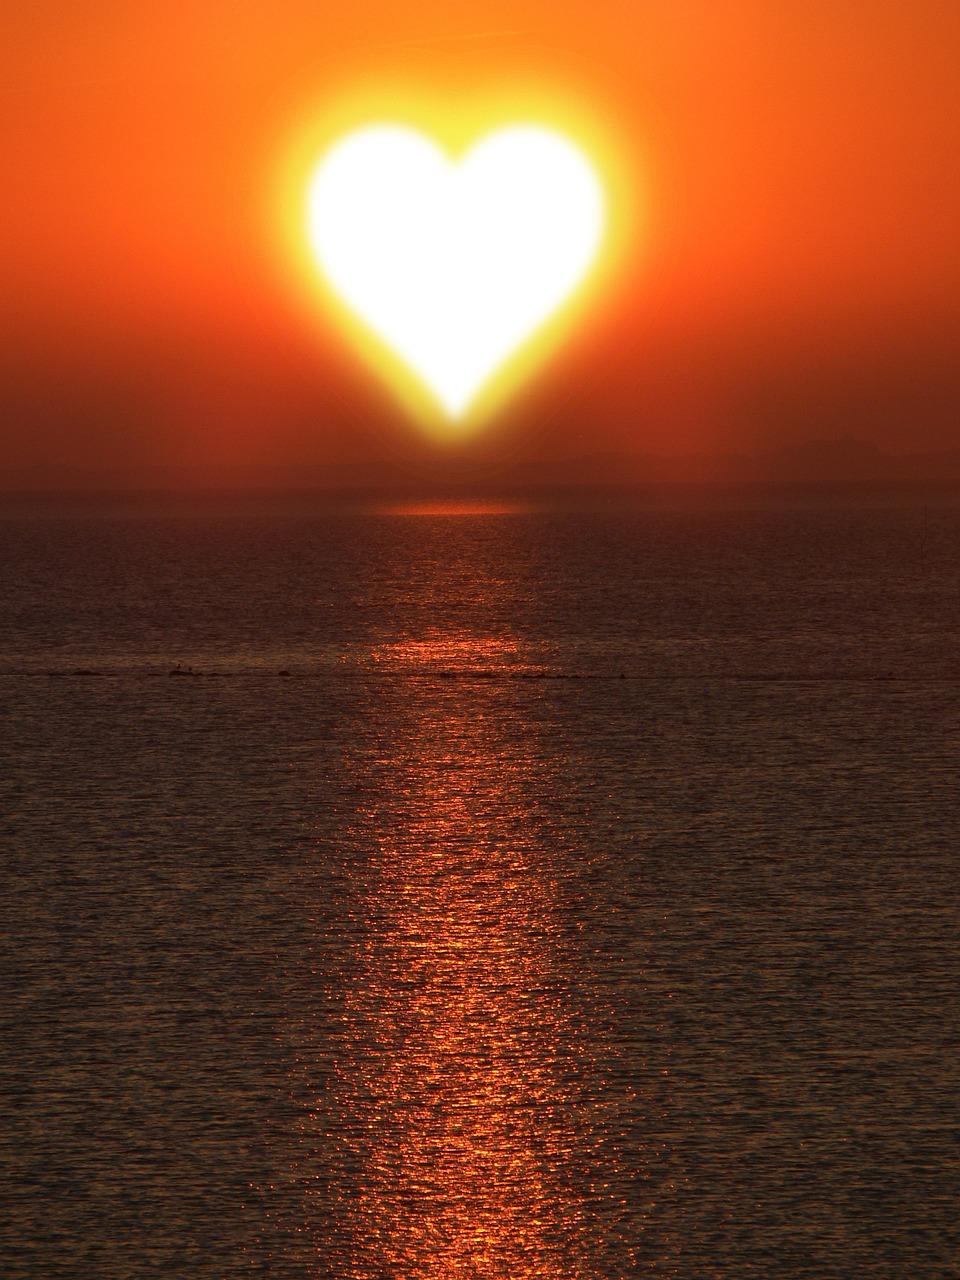 вернулись солнце сердечком картинки том